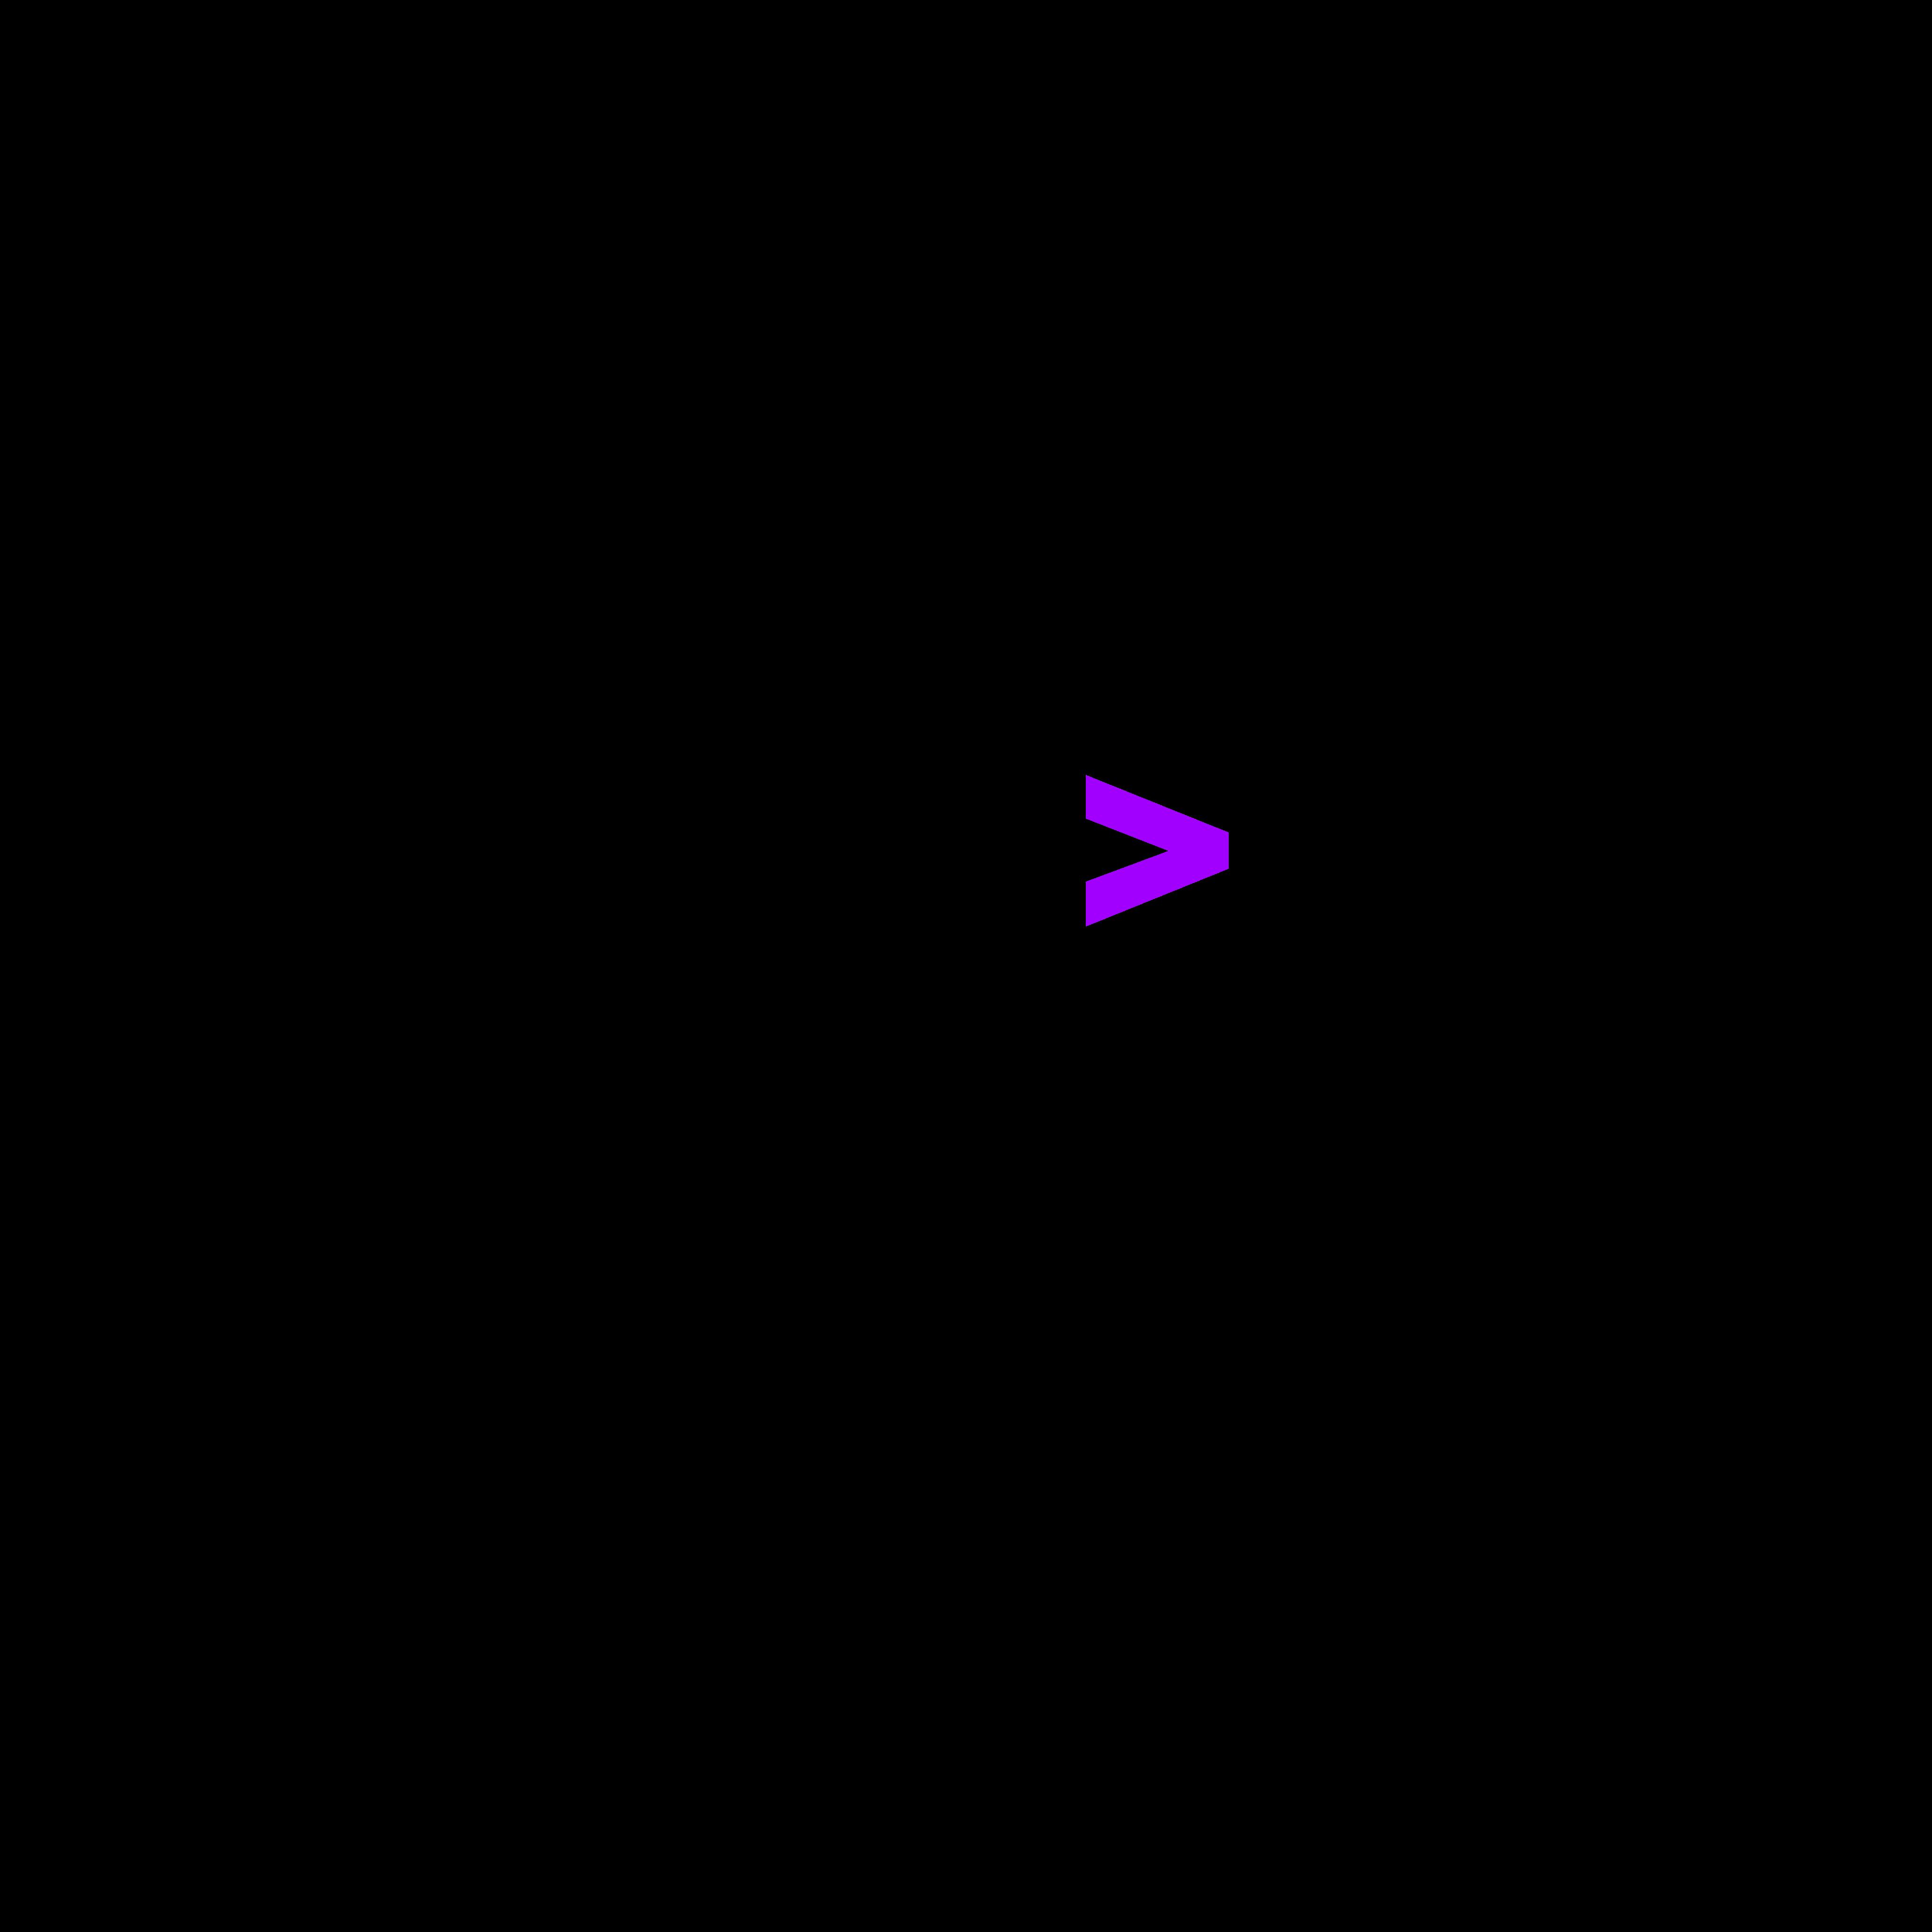 accenture logo 0 - Accenture Logo